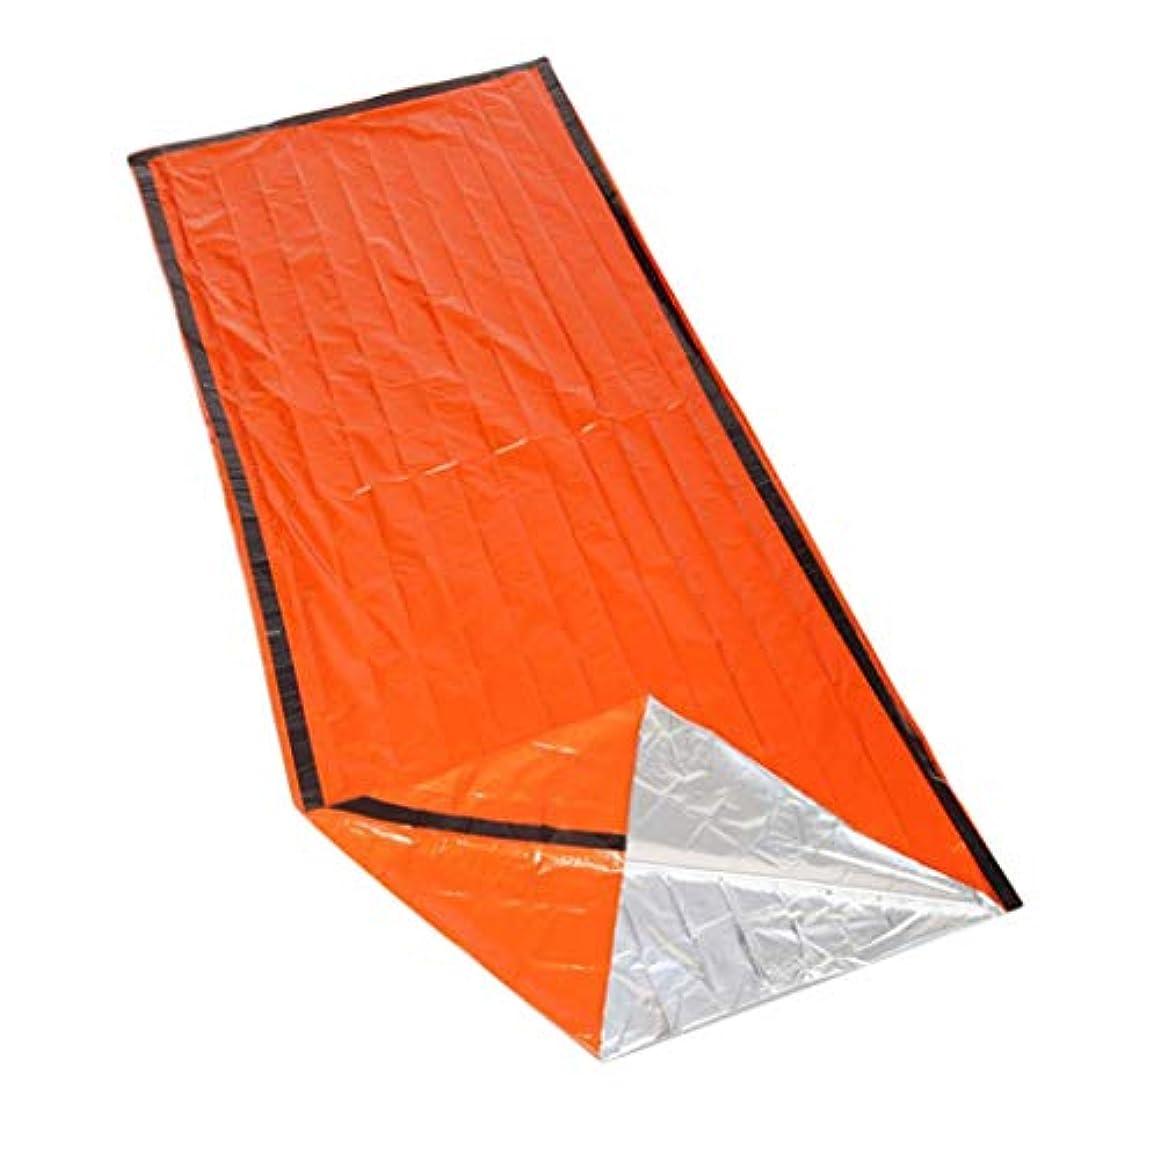 結婚するスマート推測するCUTICATE 寝袋 緊急保温寝袋 封筒型寝袋 スリーピングバッグ 防寒 保温シート 折りたたみ式 軽量